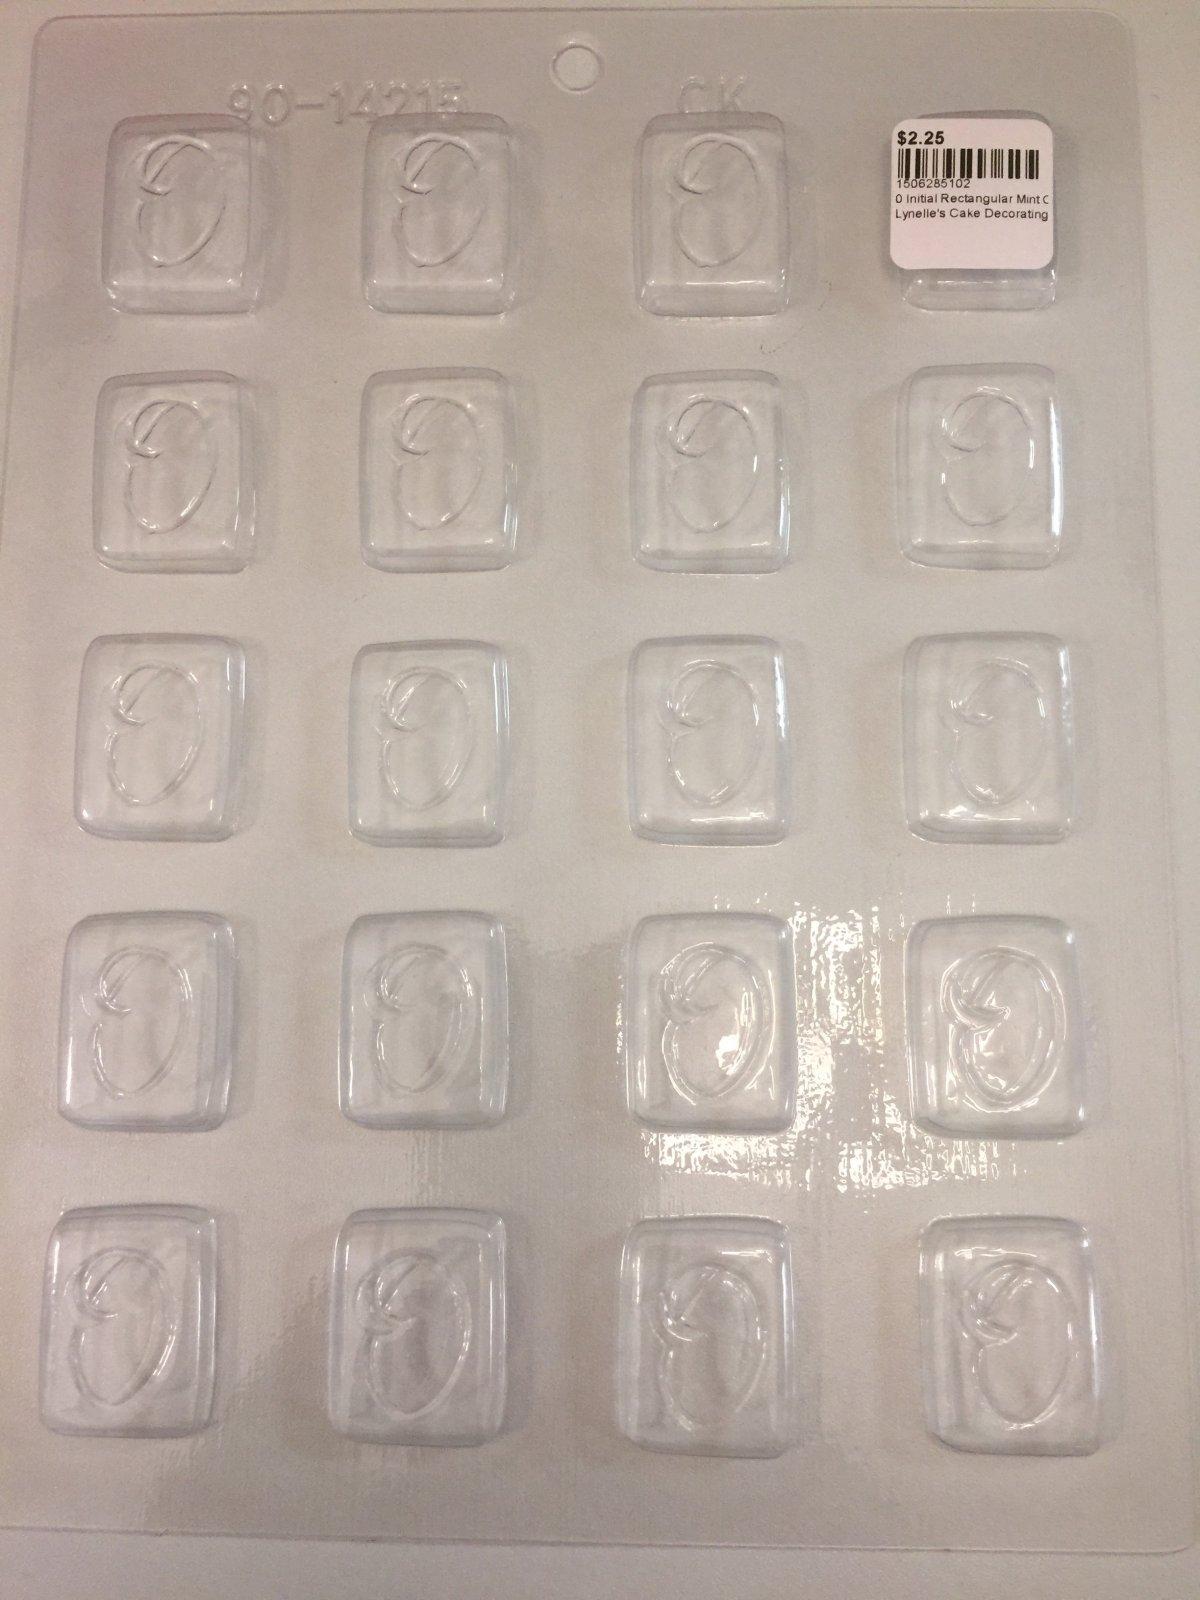 0 Initial Rectangular Mint Chocolate Mold CK 90-14215